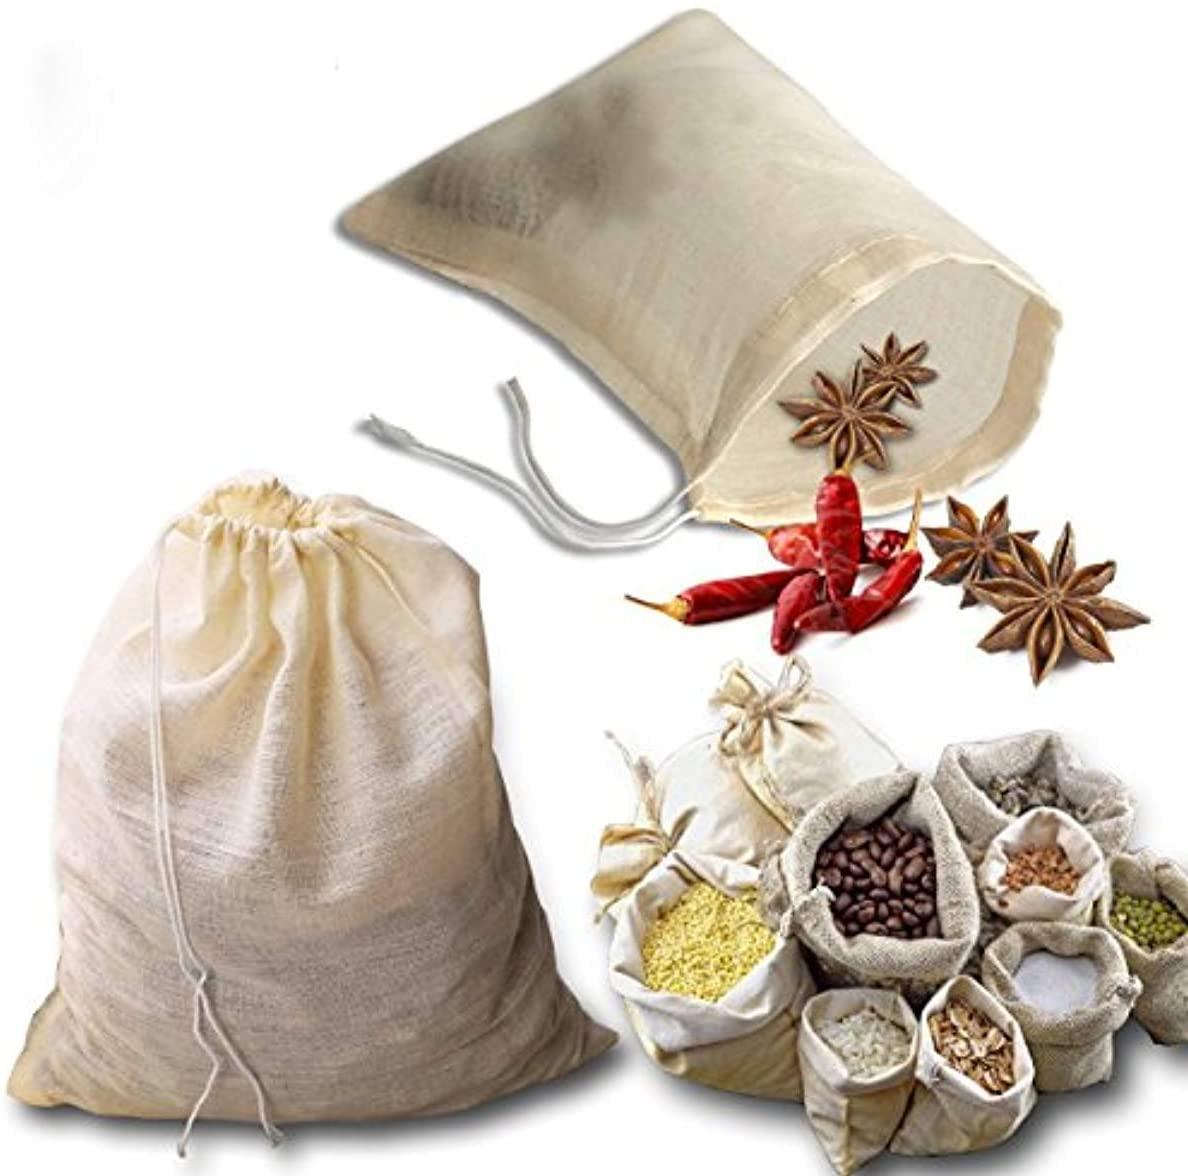 LACKINGONE 3 Pcs Organic Cotton Nut Milk Bag Reusable Cotton Soup Bags with Drawstring for Filter Herbs Coffee Tea Soup Porridge, 25 x 20 cm